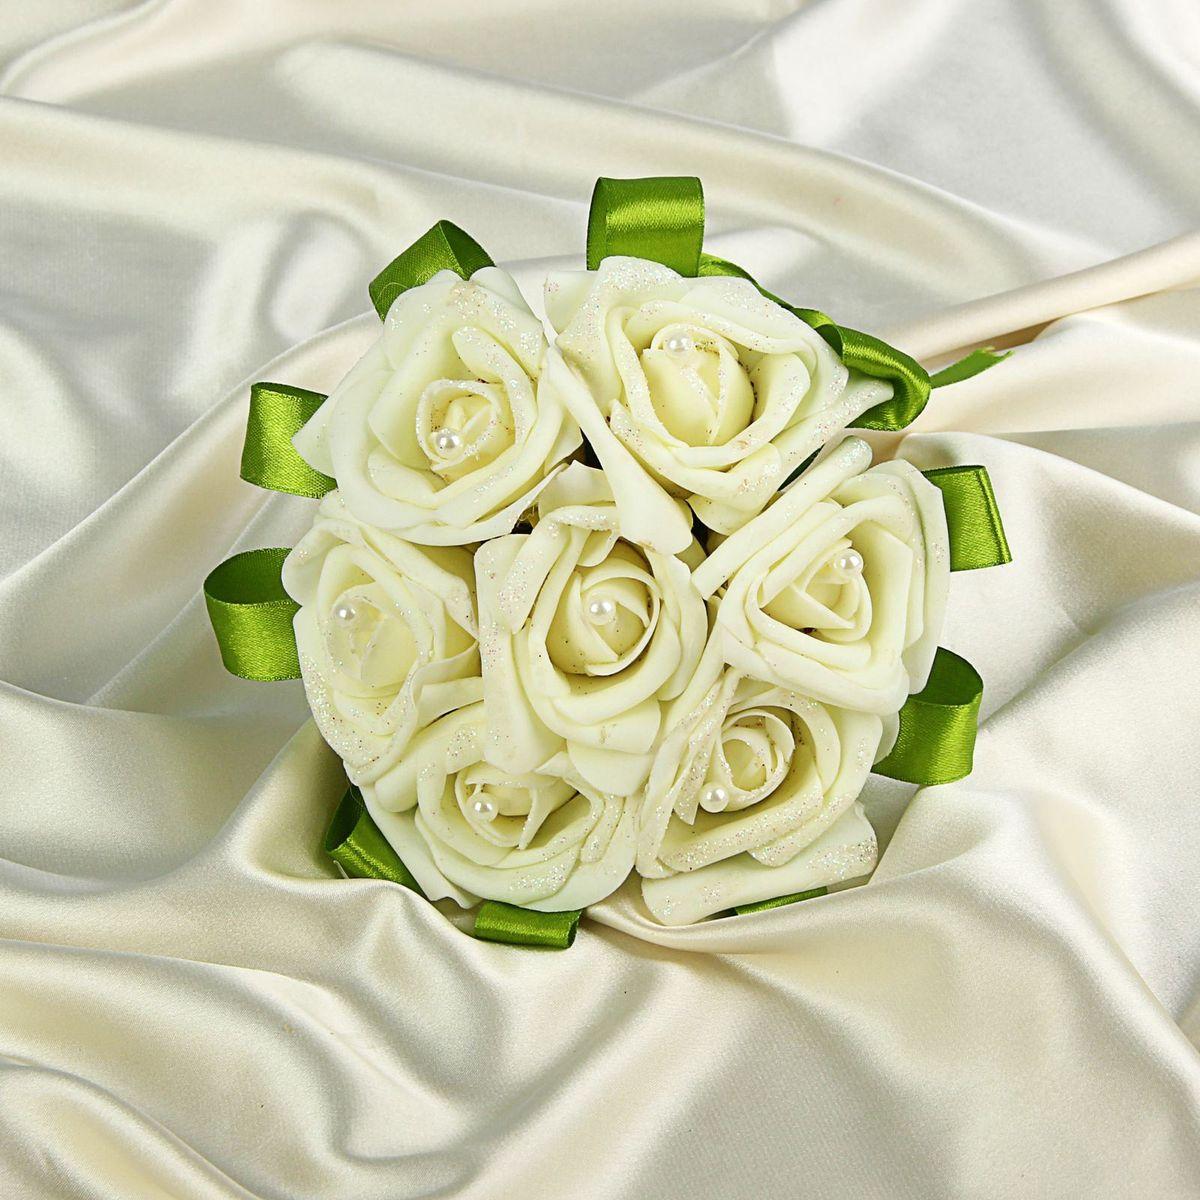 Букет-дублер Sima-land, цвет: белый. 12708211023254Добавьте в интерьер частичку весны! Дублер букета невесты 7 роз айвори будет радовать неувядающей красотой не один год. Просто поставьте его в вазу или создайте пышную композицию.Искусственные растения не требуют поливки, особого освещения и другого специального ухода. Они украсят любое помещение (например, ванную с повышенной влажностью или затемнённый коридор).Дом становится уютным благодаря мелочам. Преобразите интерьер, а вместе с ним улучшится и настроение!